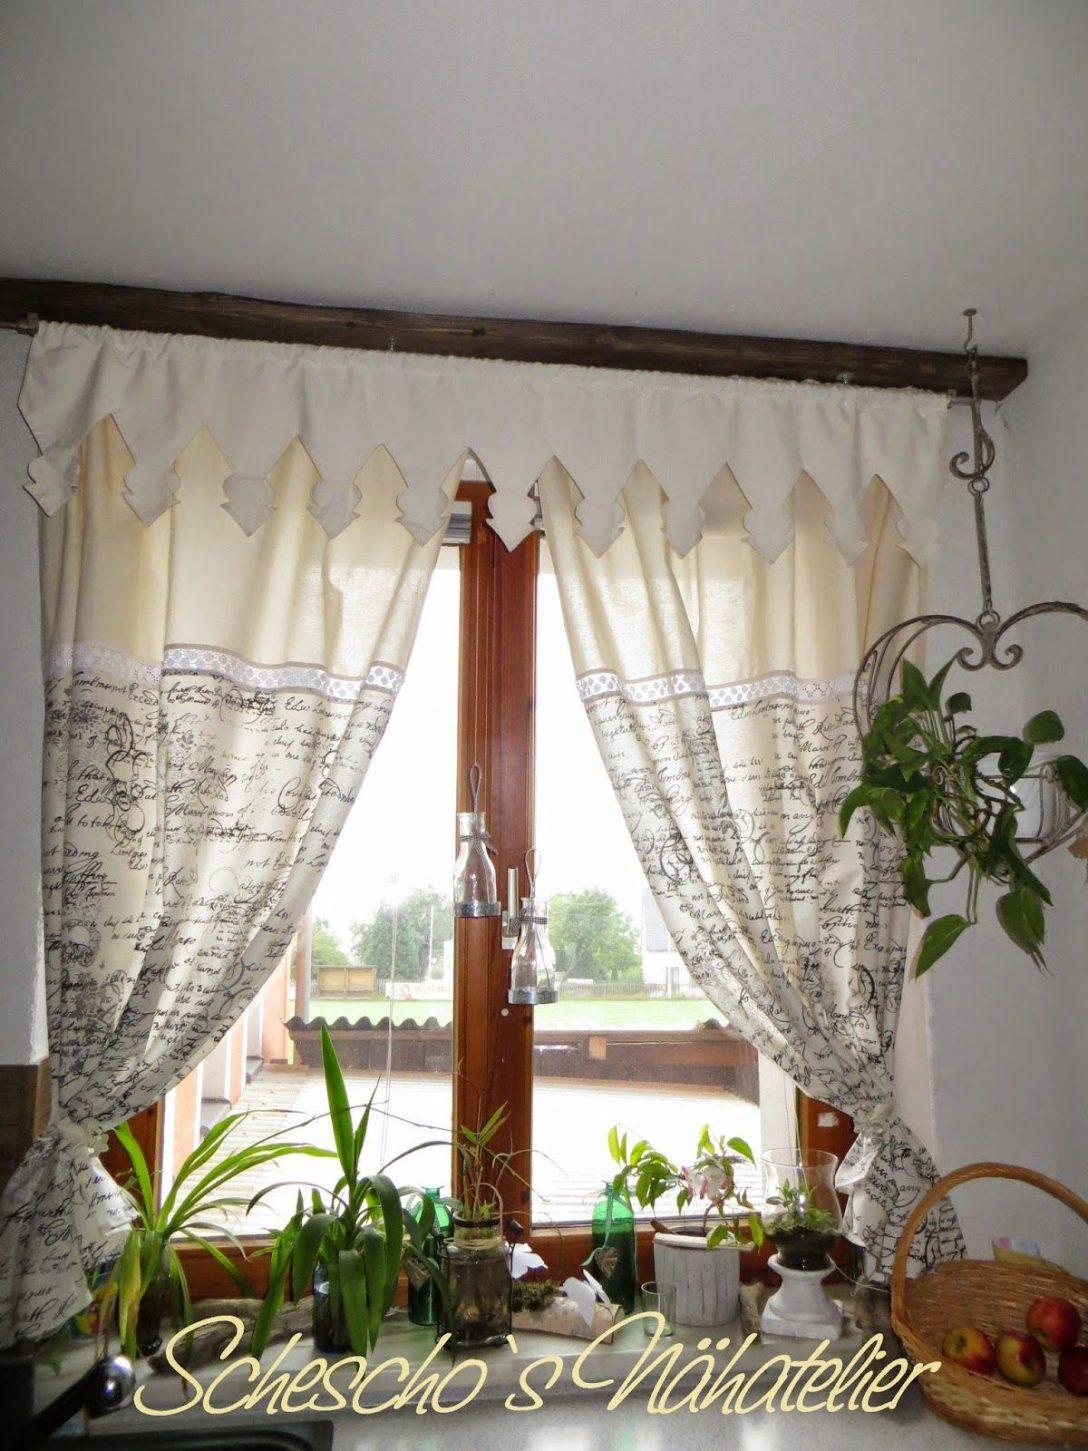 Full Size of Gardinen Nähen Gardine Kche Nhen Sichtschutz Mit Querbehang Grn Fenster Schlafzimmer Für Die Küche Wohnzimmer Scheibengardinen Wohnzimmer Gardinen Nähen